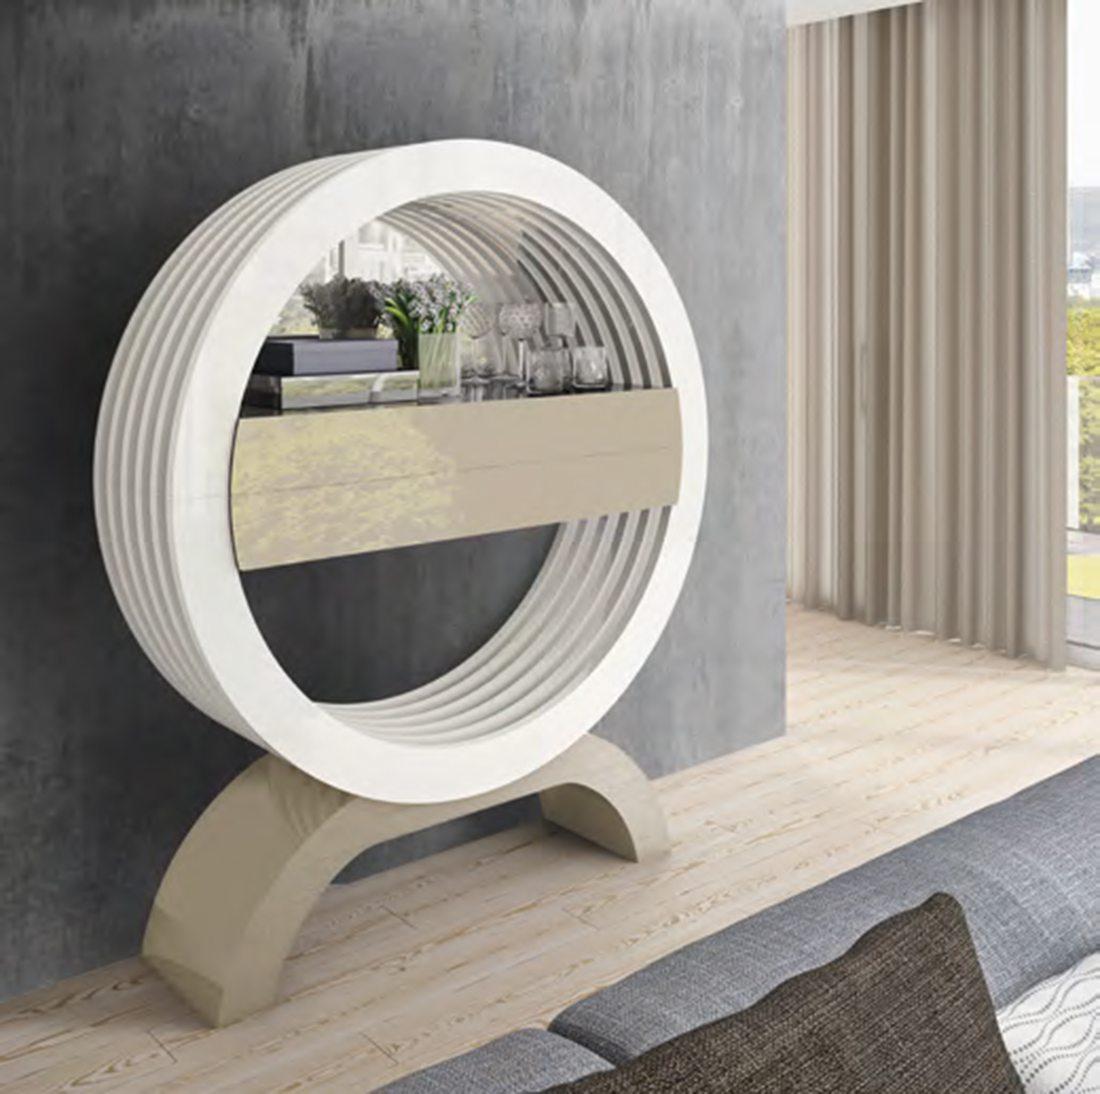 Consola lacada moderna, en tienda muebles Lucama de Valladolid